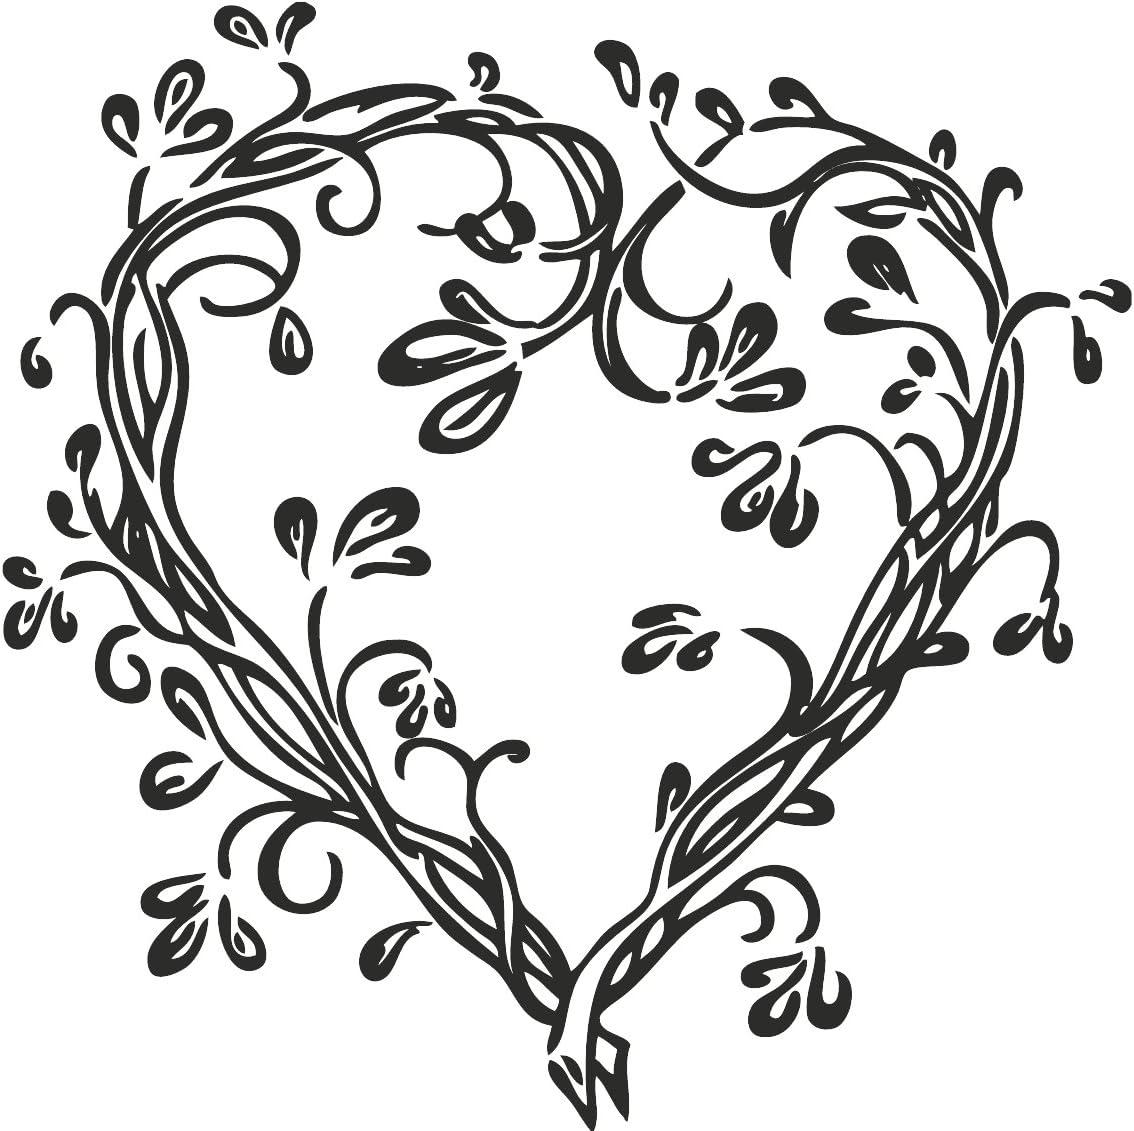 Knorr Prandell 211801012 Knorr prandell 211801012 Stempel aus Holz Motivgr/ö/ße 3,5 x 3,3 cm Hochzeit Motiv: Herzranke